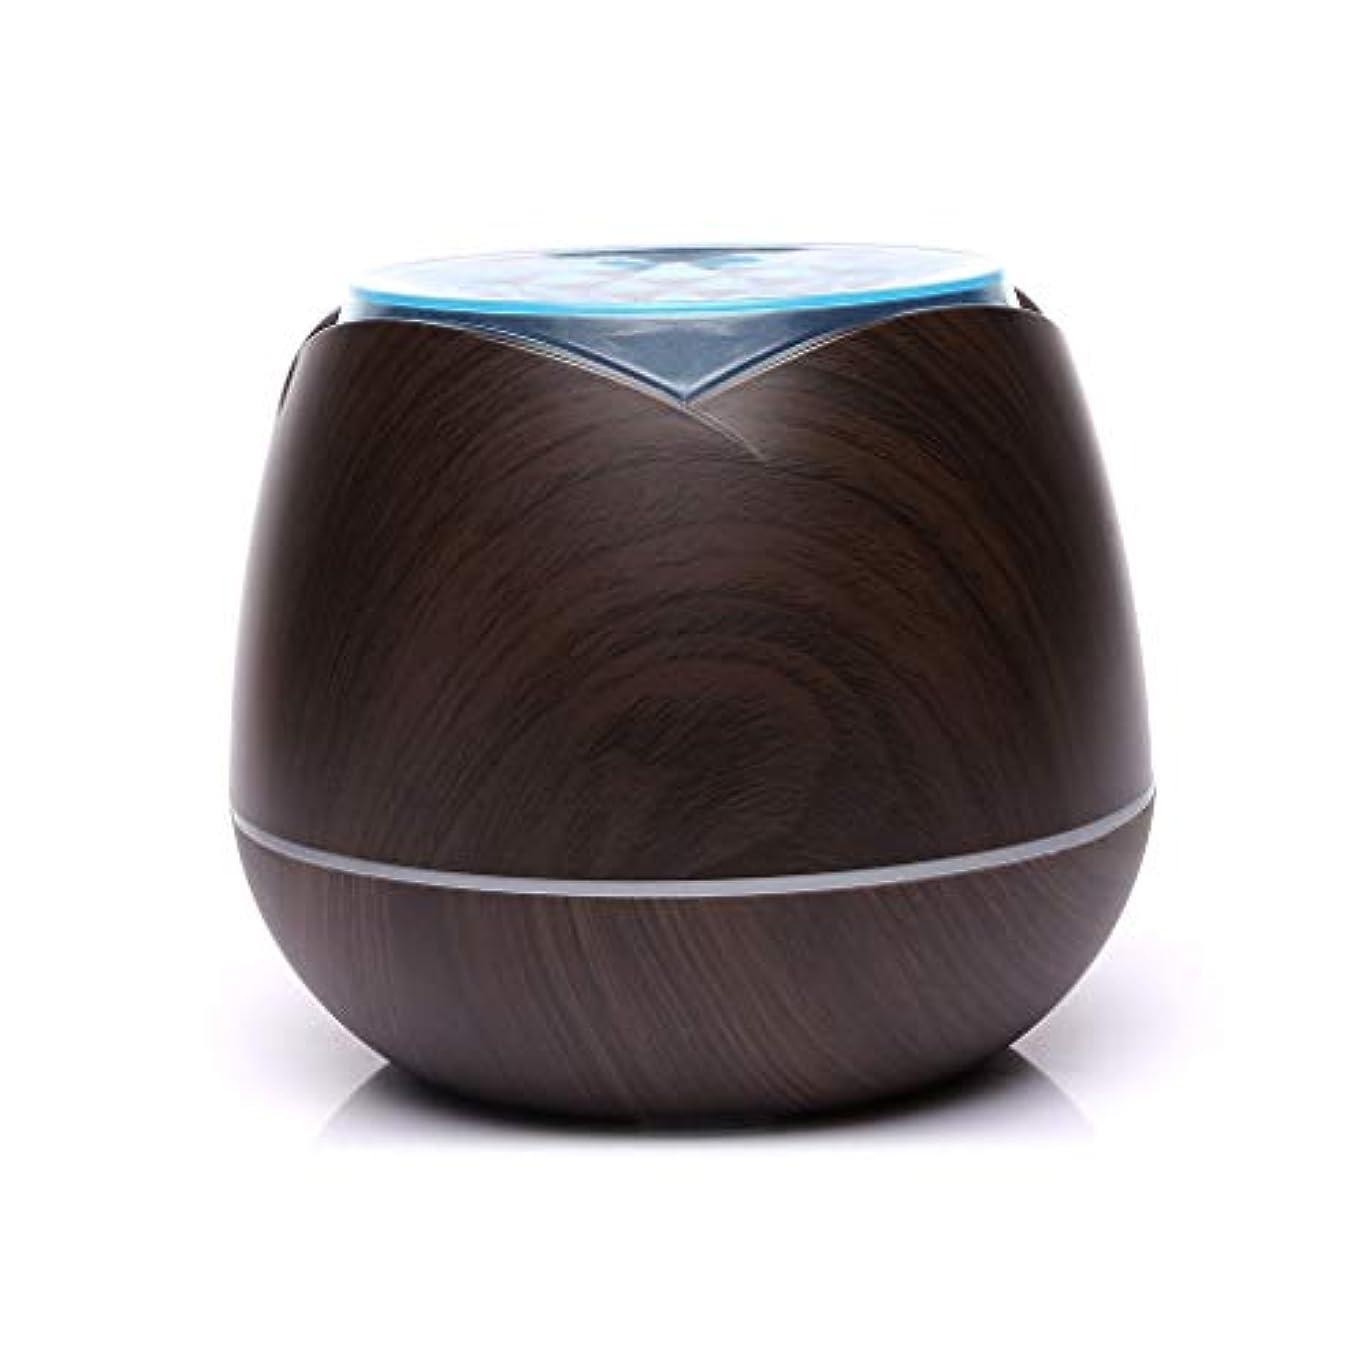 クレタ逮捕洞察力のある涼しい霧の空気加湿器、家、ヨガ、オフィス、鉱泉、寝室のために変わる色LEDライトと超音波400ml - 木目 - (Color : Dark wood grain)